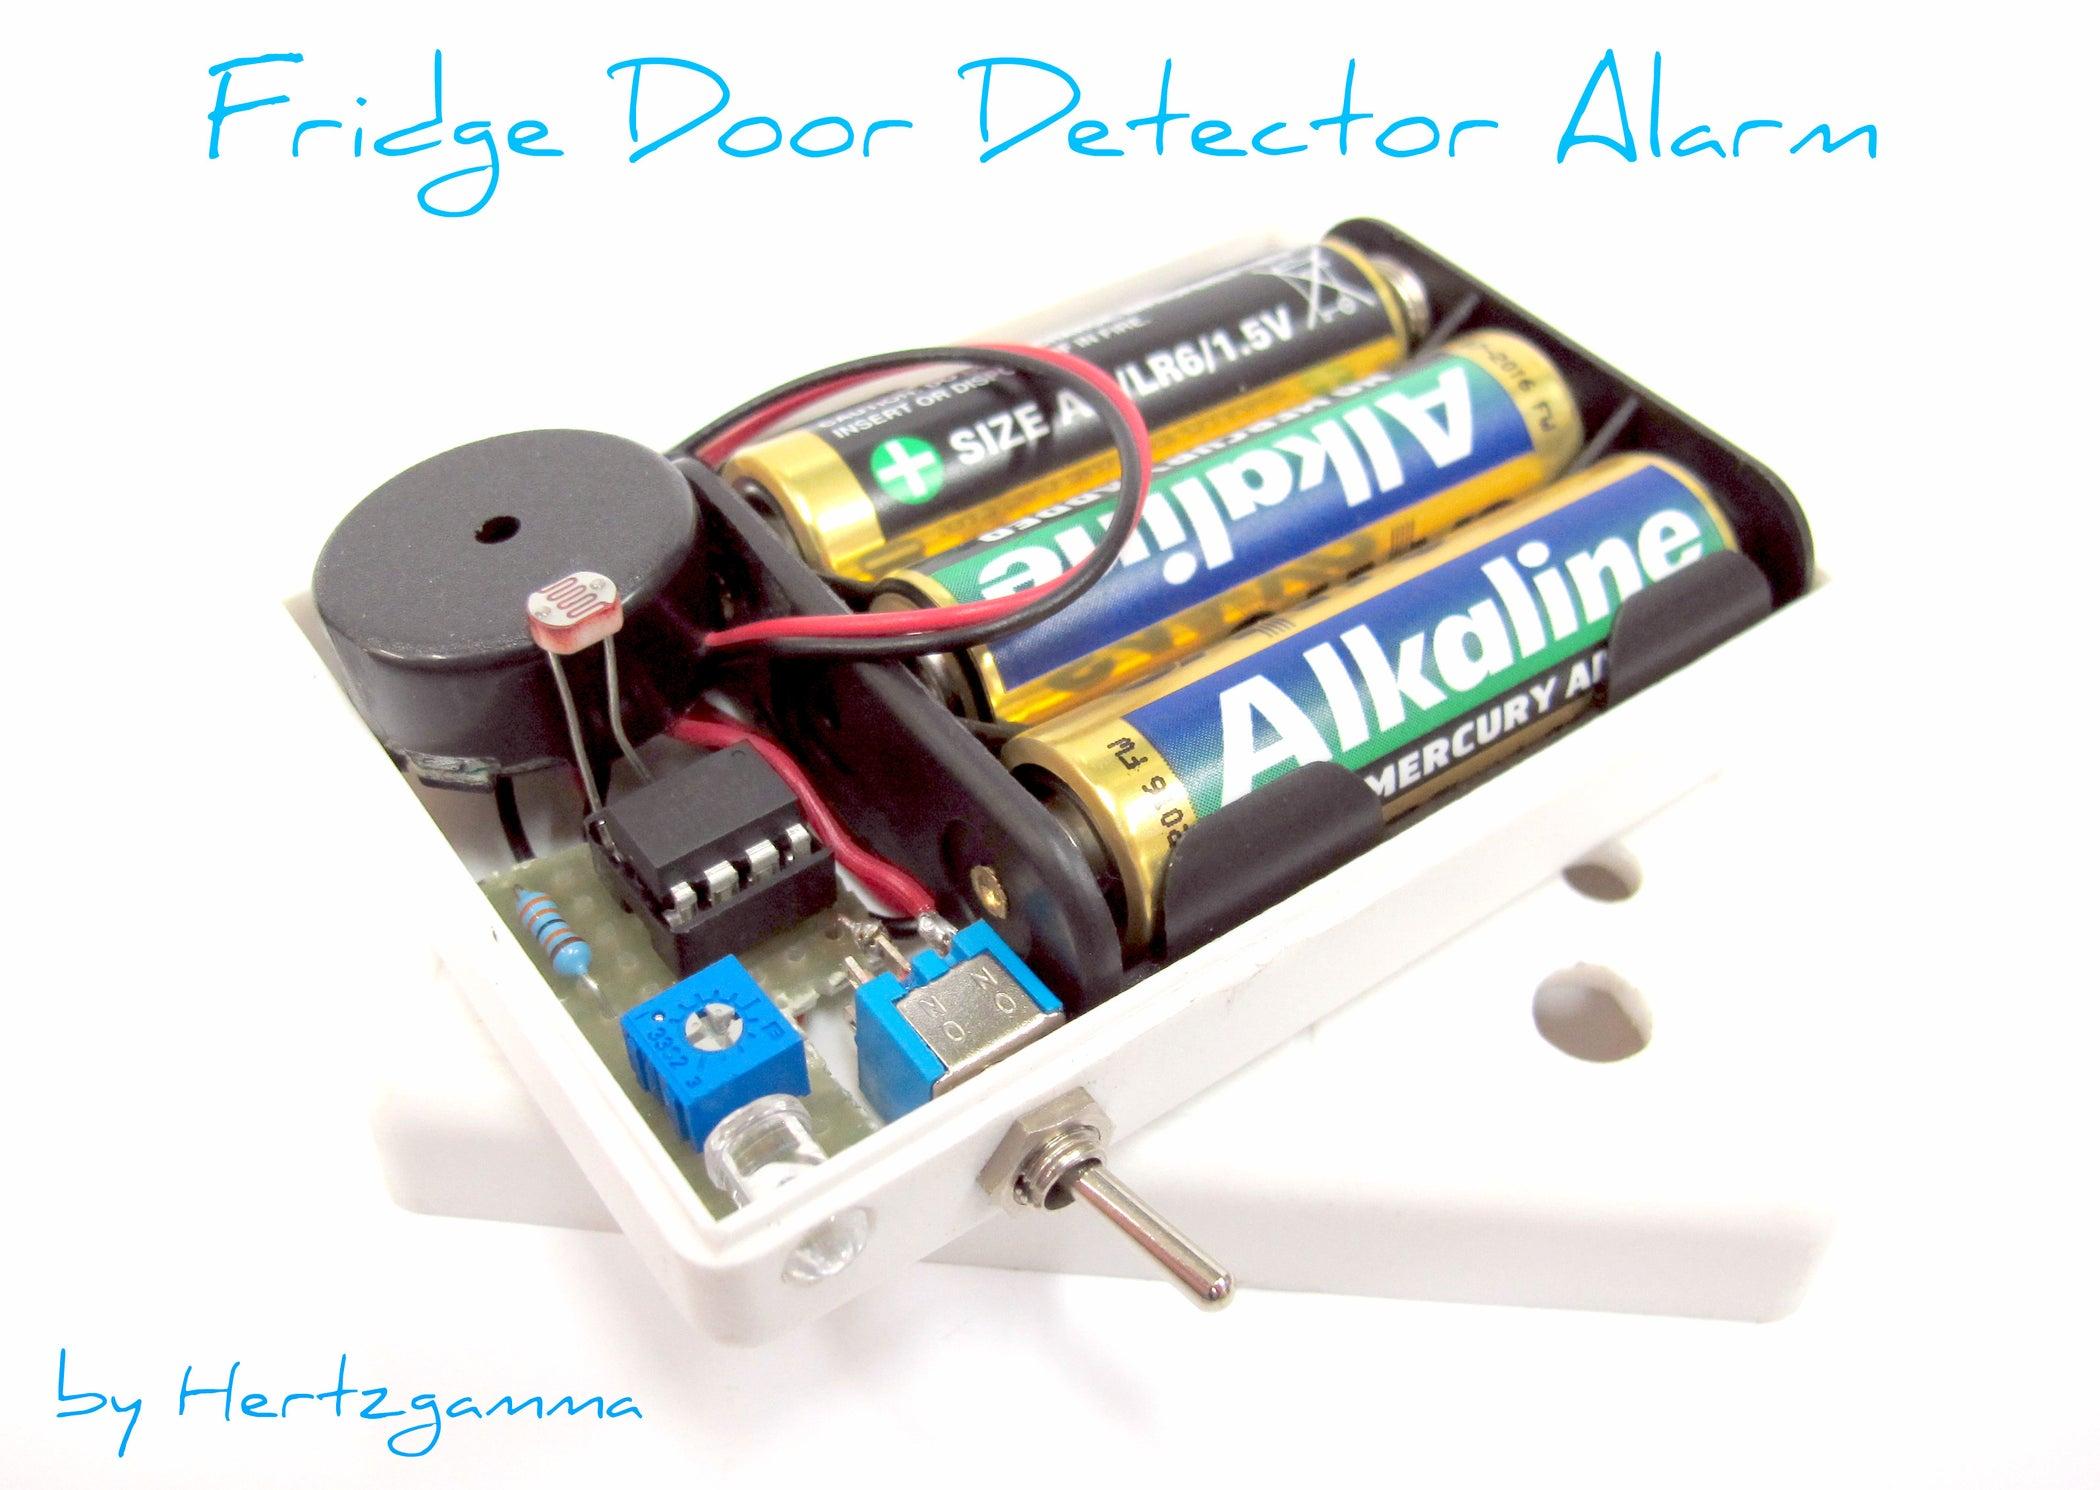 Fridge Door Detector Alarm 13 Steps With Pictures Simple Circuit